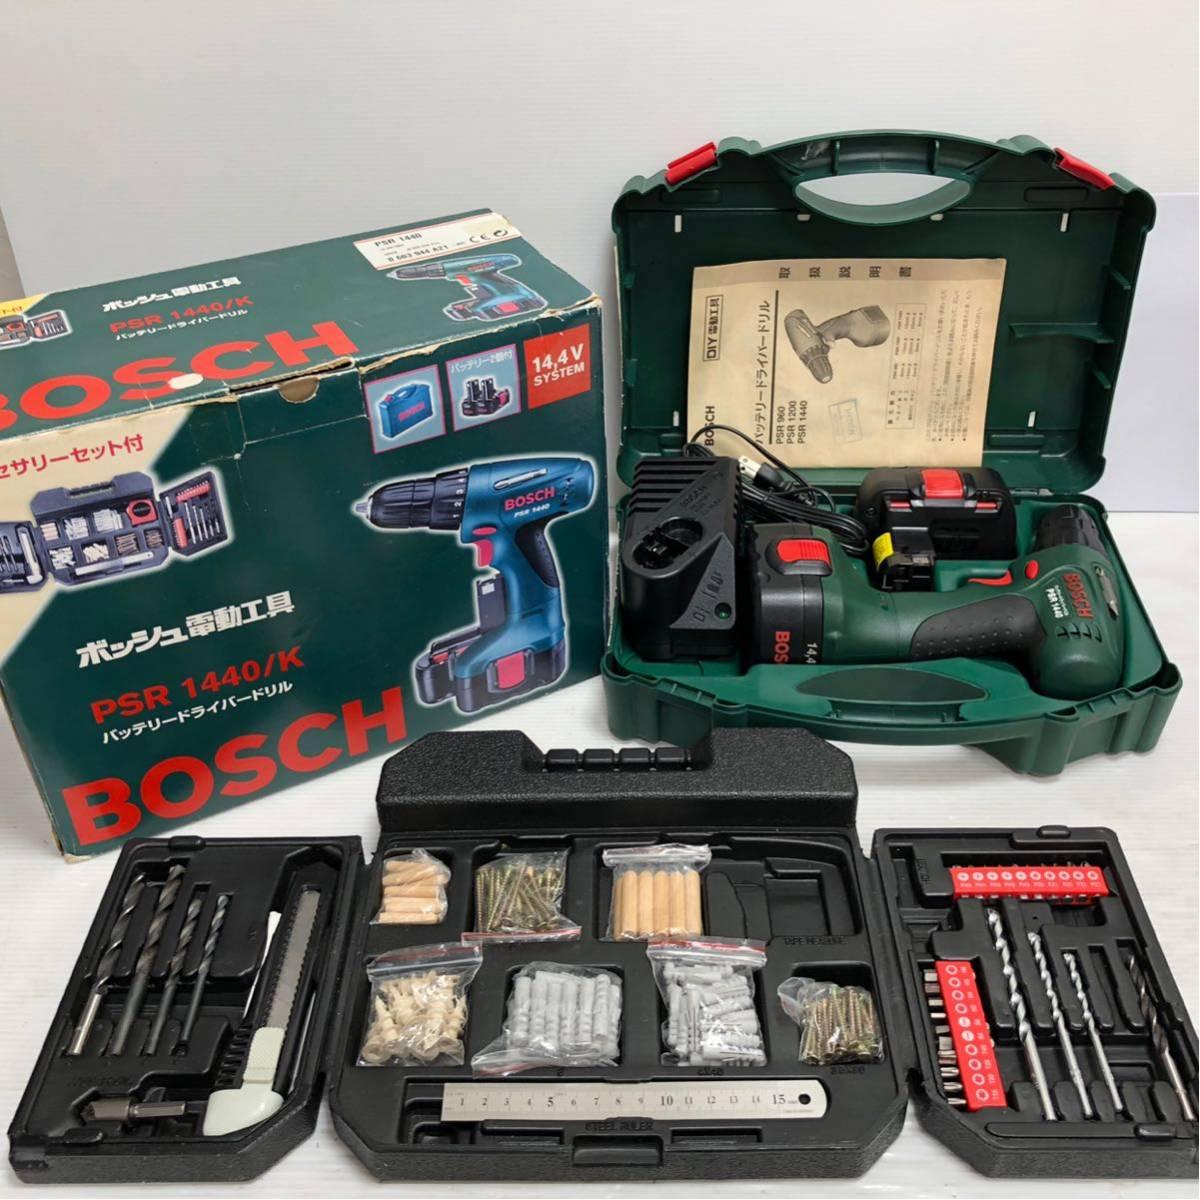 BOSCH ボッシュ 電動工具 PSR1440 バッテリードライバードリル バッテリー2個付 14.4v アクセサリーセット付